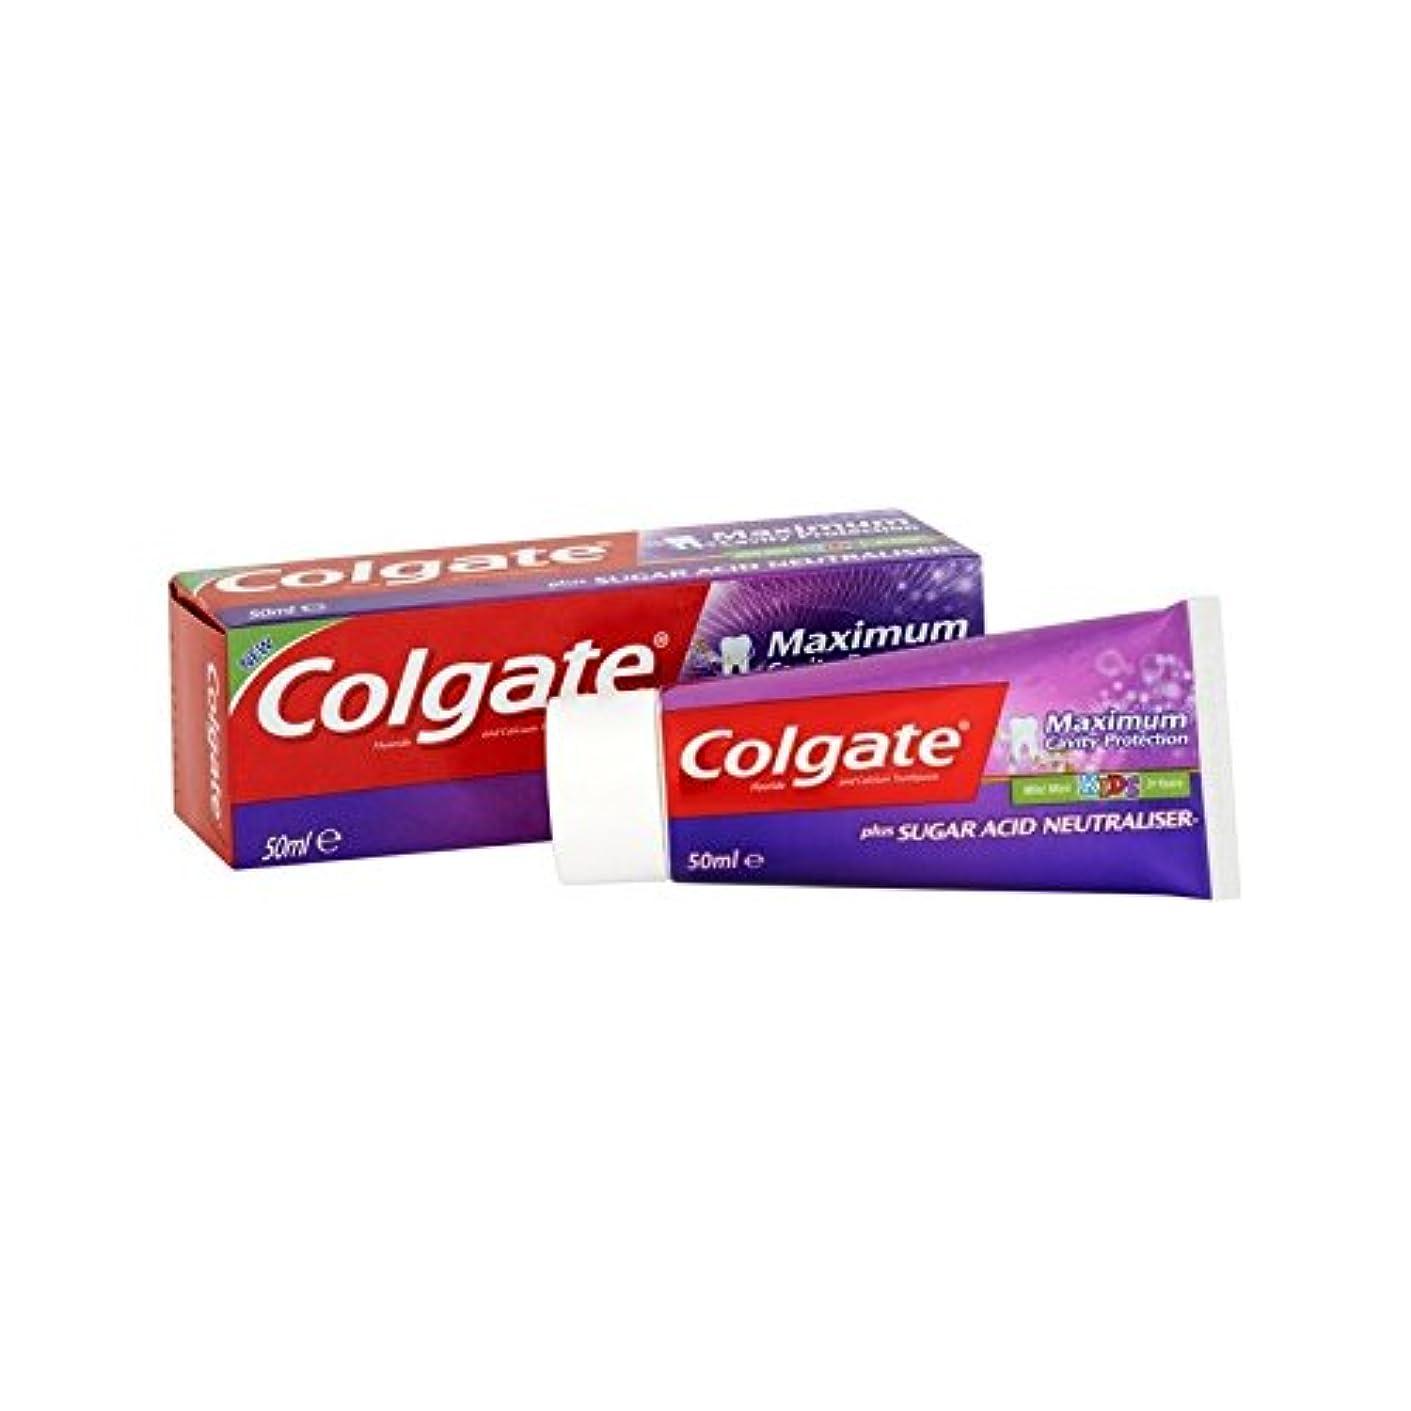 工業用表面プレゼン最大空洞の子供の50ミリリットルを保護 (Colgate) - Colgate Maximum Cavity Protect Kids 50ml [並行輸入品]